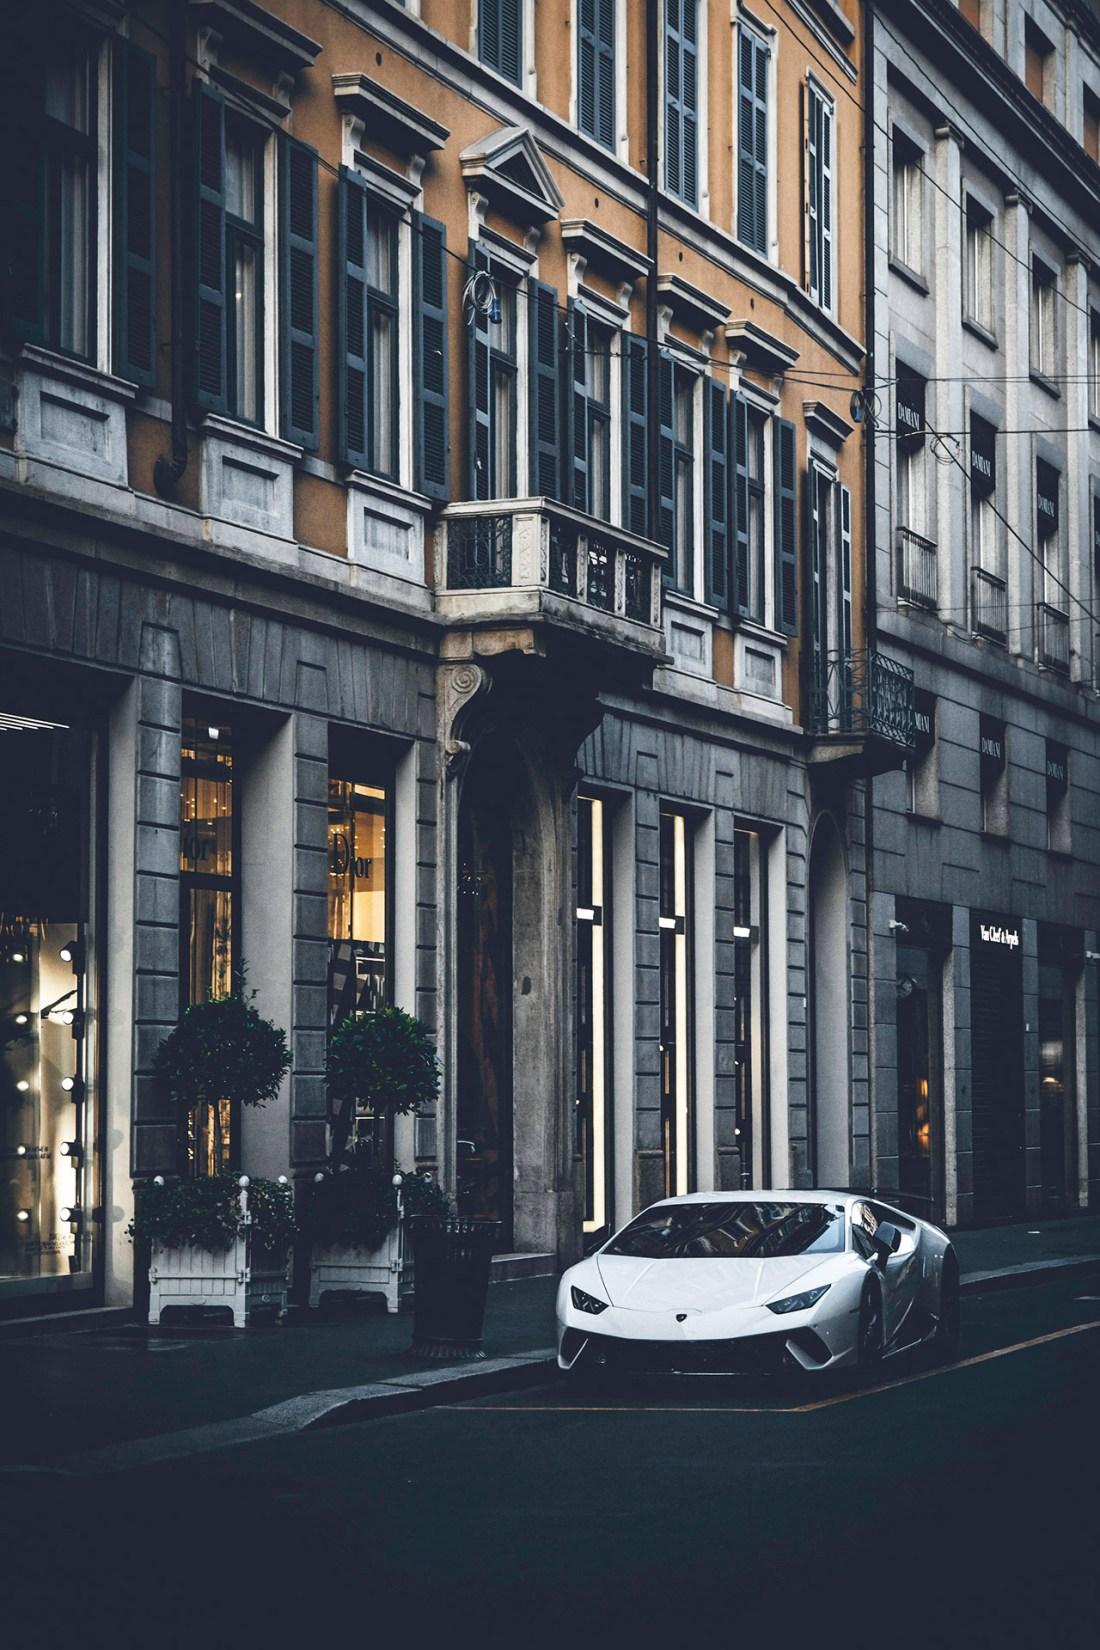 Lamborghini in Modena